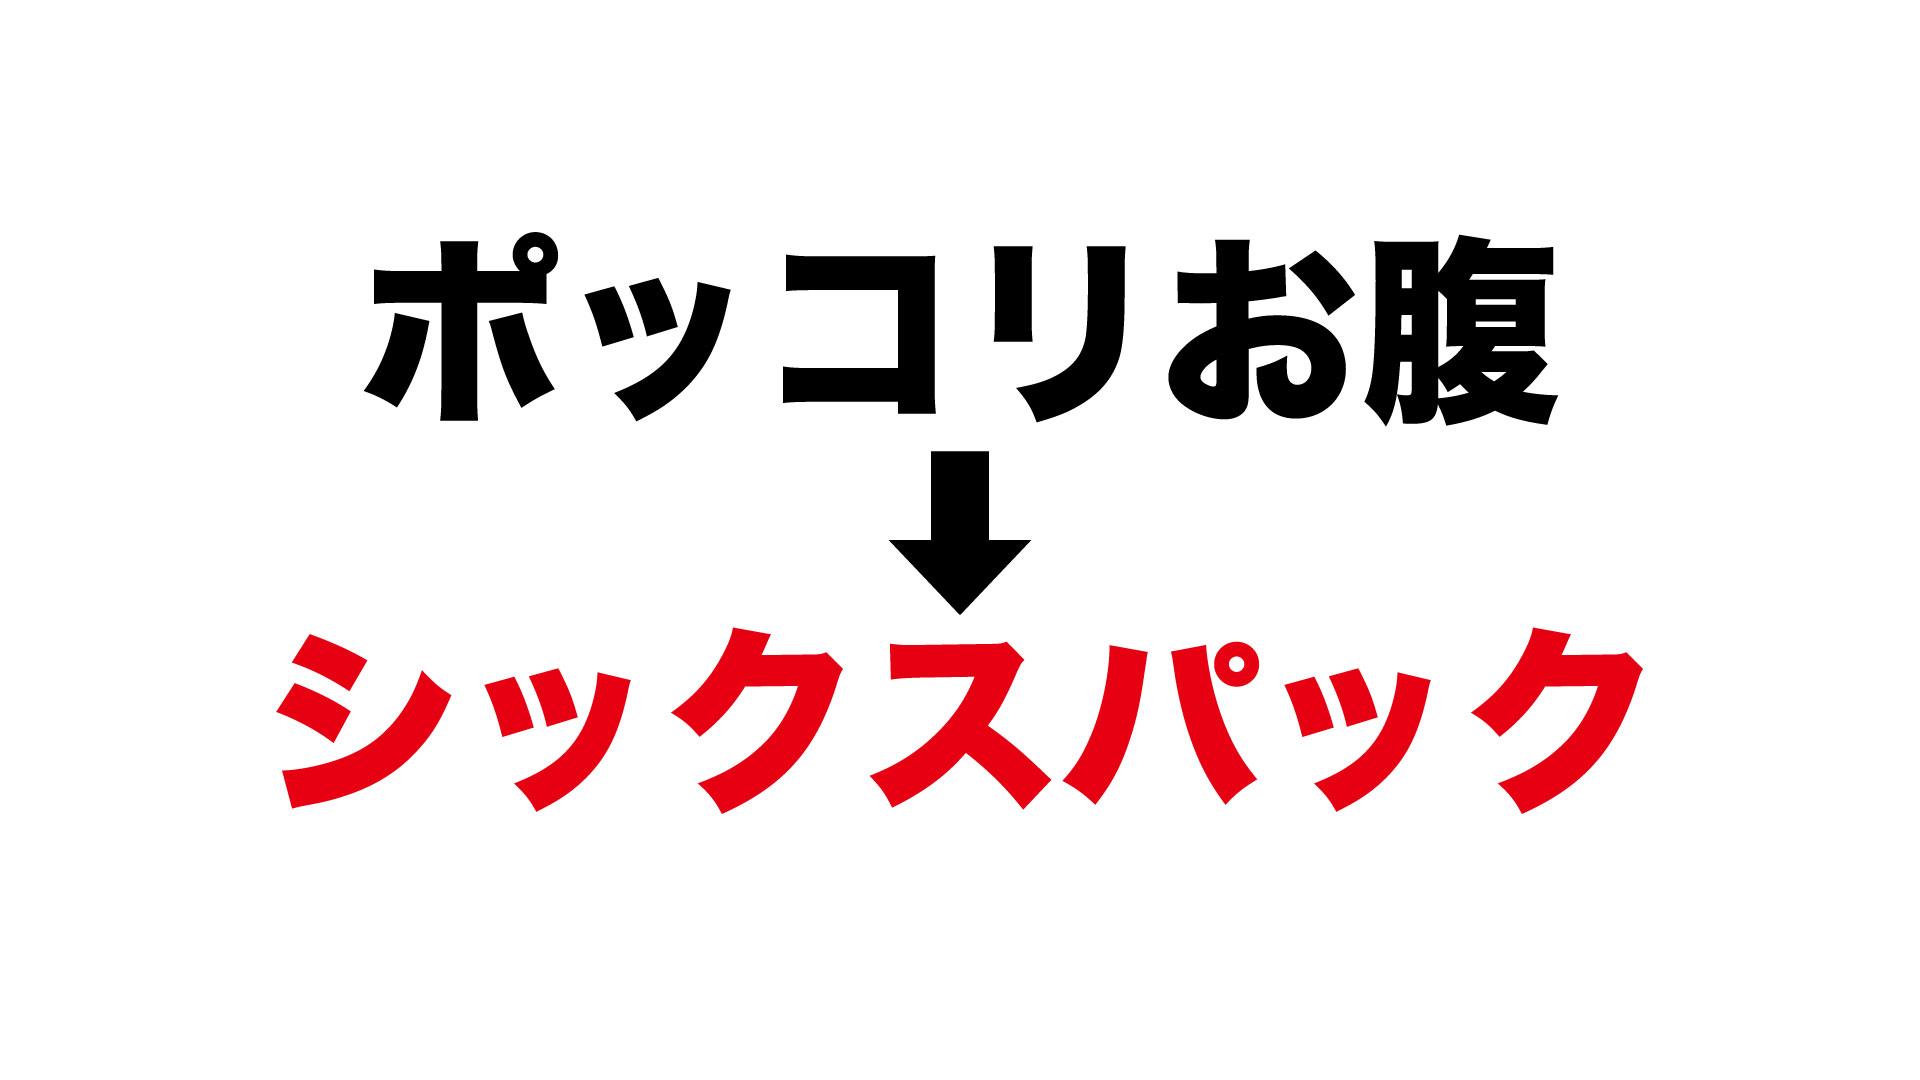 ポッコリお腹→シックスパックになる方法を全て公開!